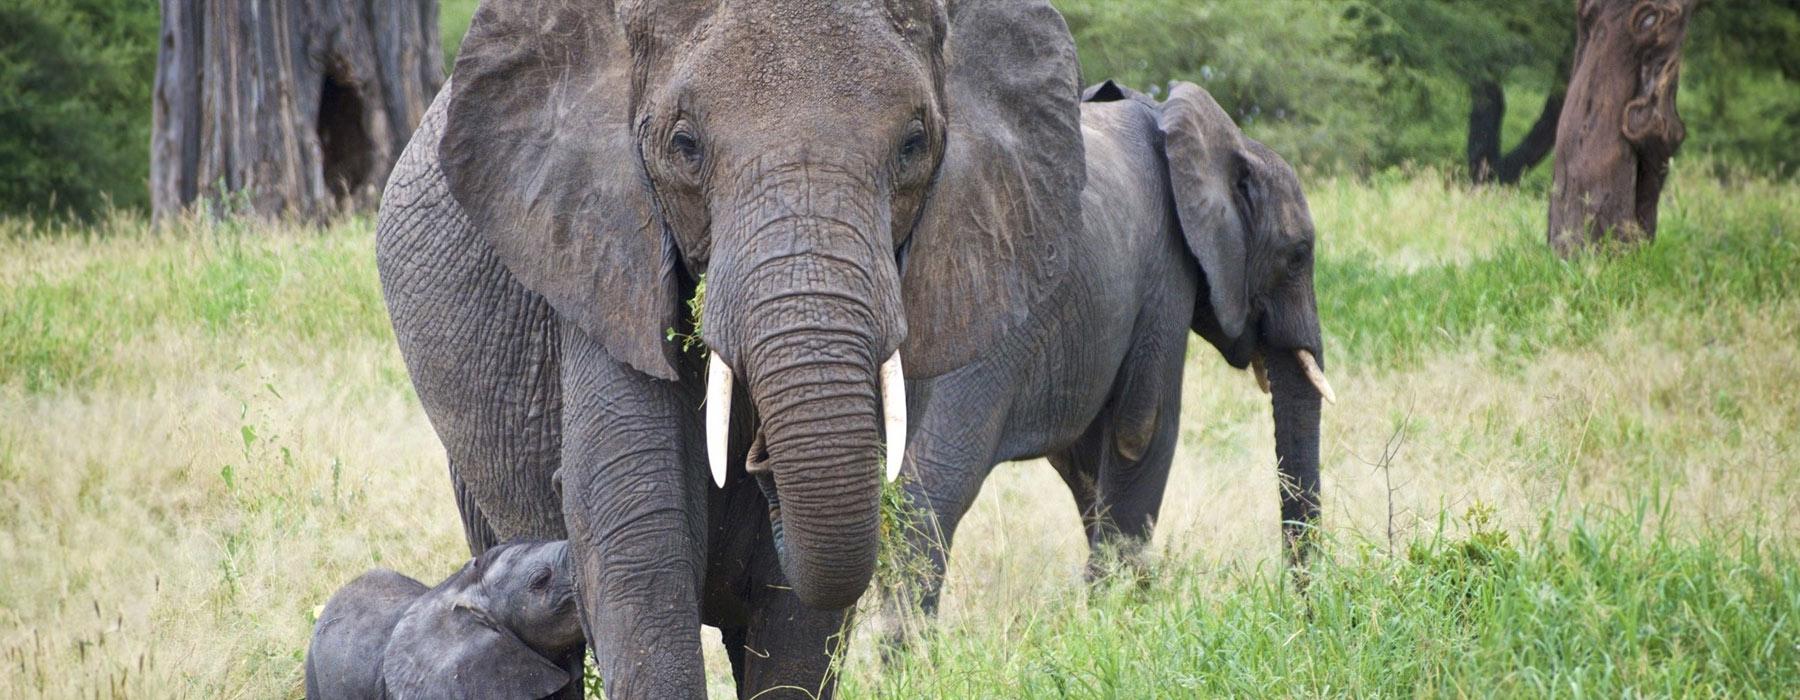 Tanzania Safari Tipping Guide